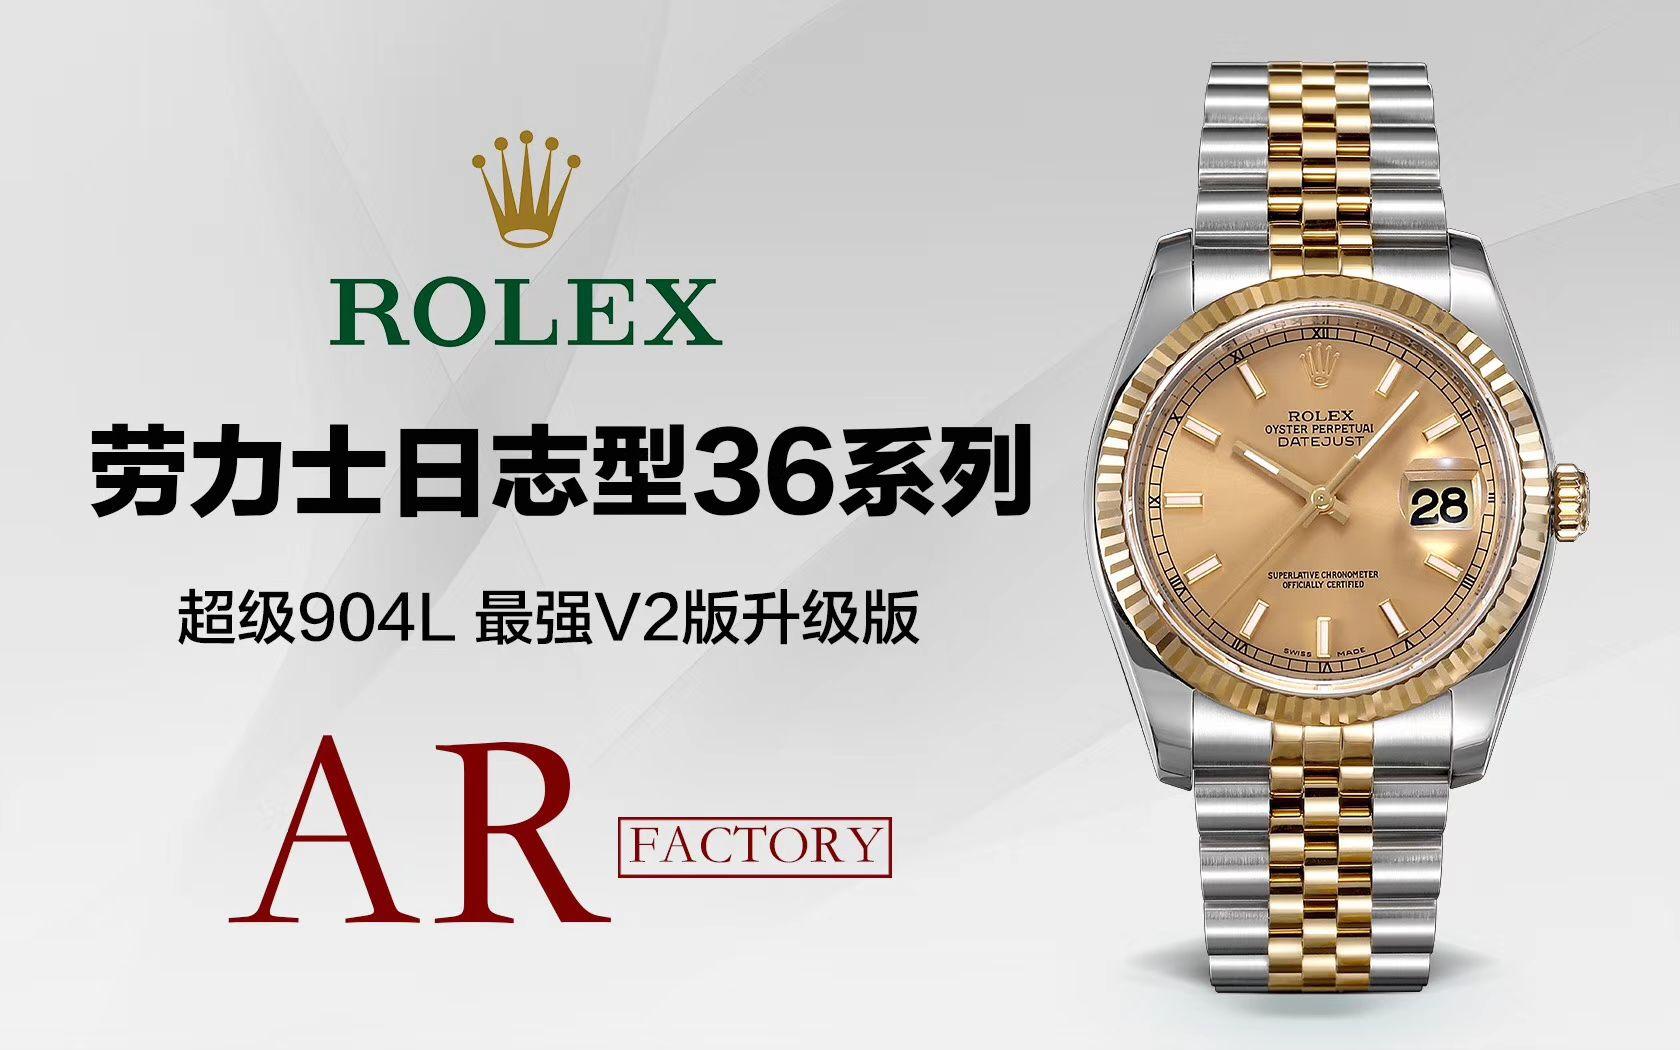 劳力士日志型系列116233银盘纪念型表带腕表,116233金盘镶钻,116233黑盘纪念表带,m126233-0015【AR一比一复刻手表】